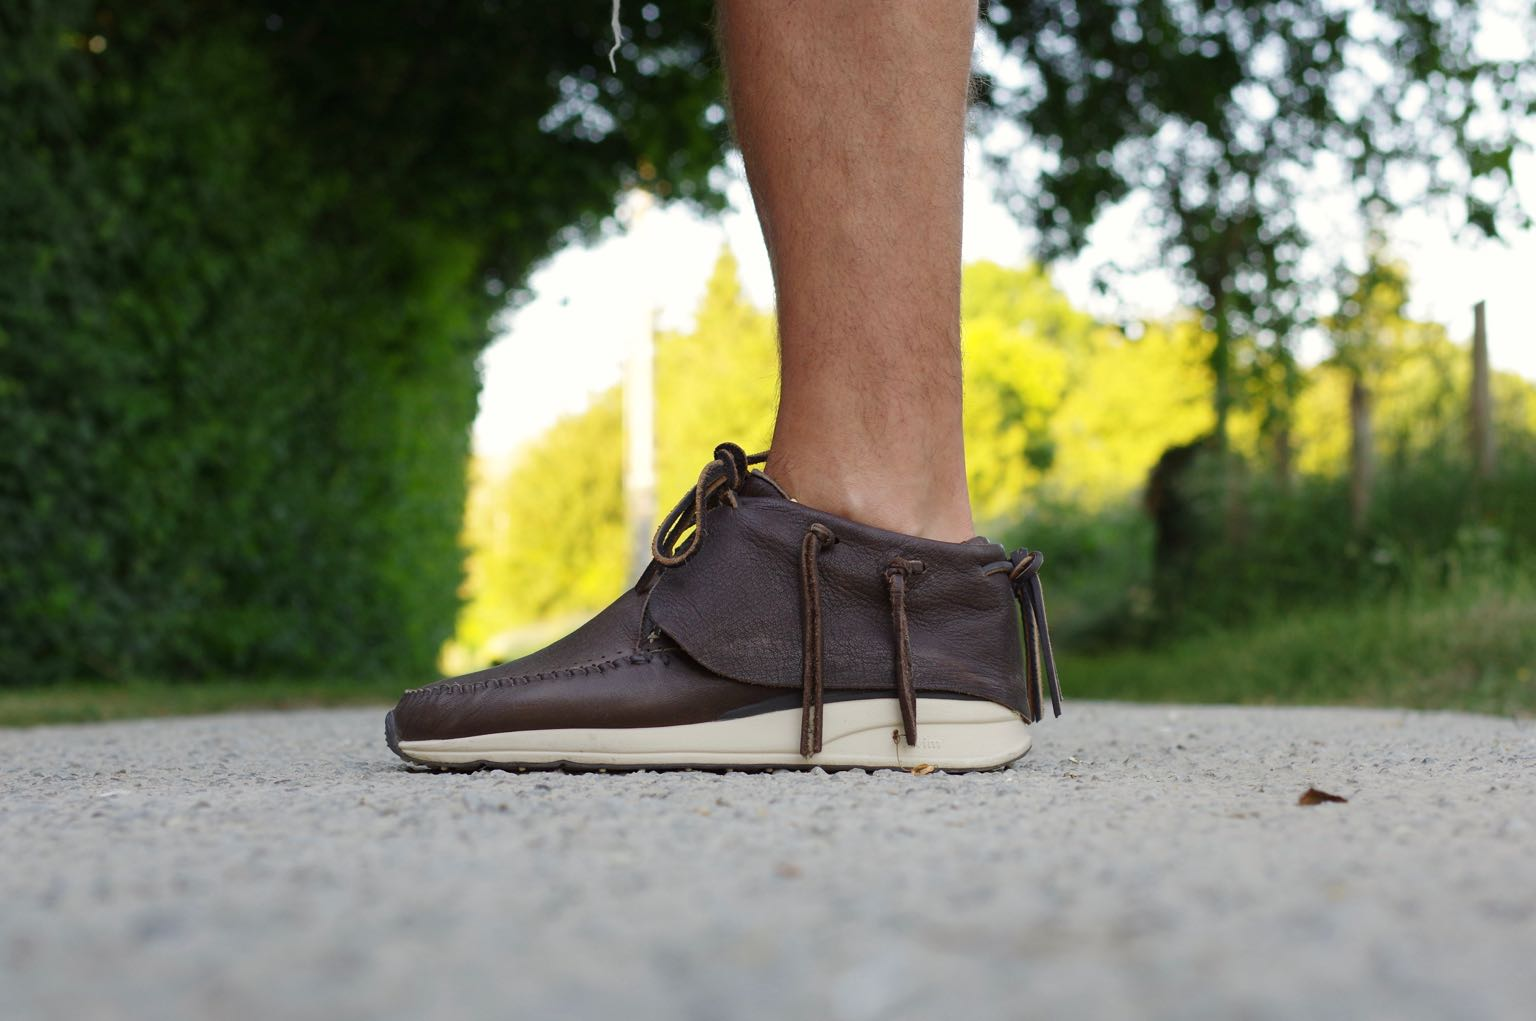 Visvim FBT shoes - sneakers inspiration ethnique amérindien